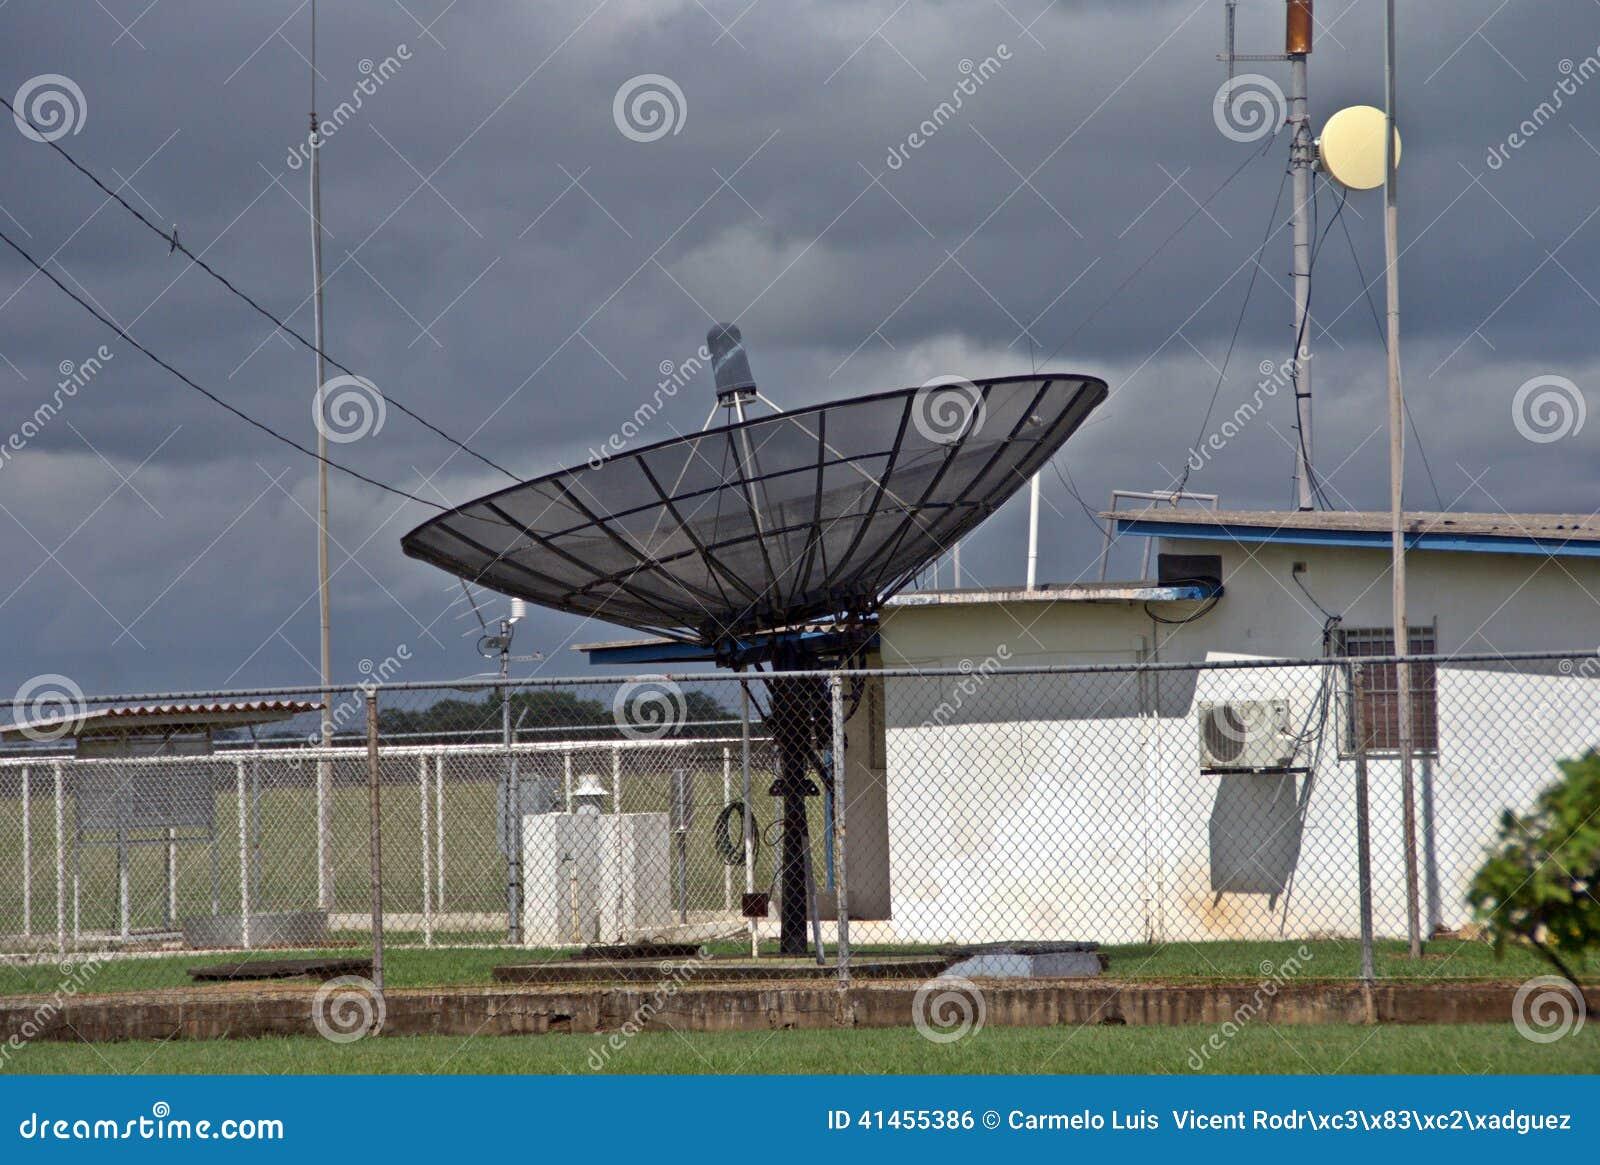 Airport Antenna